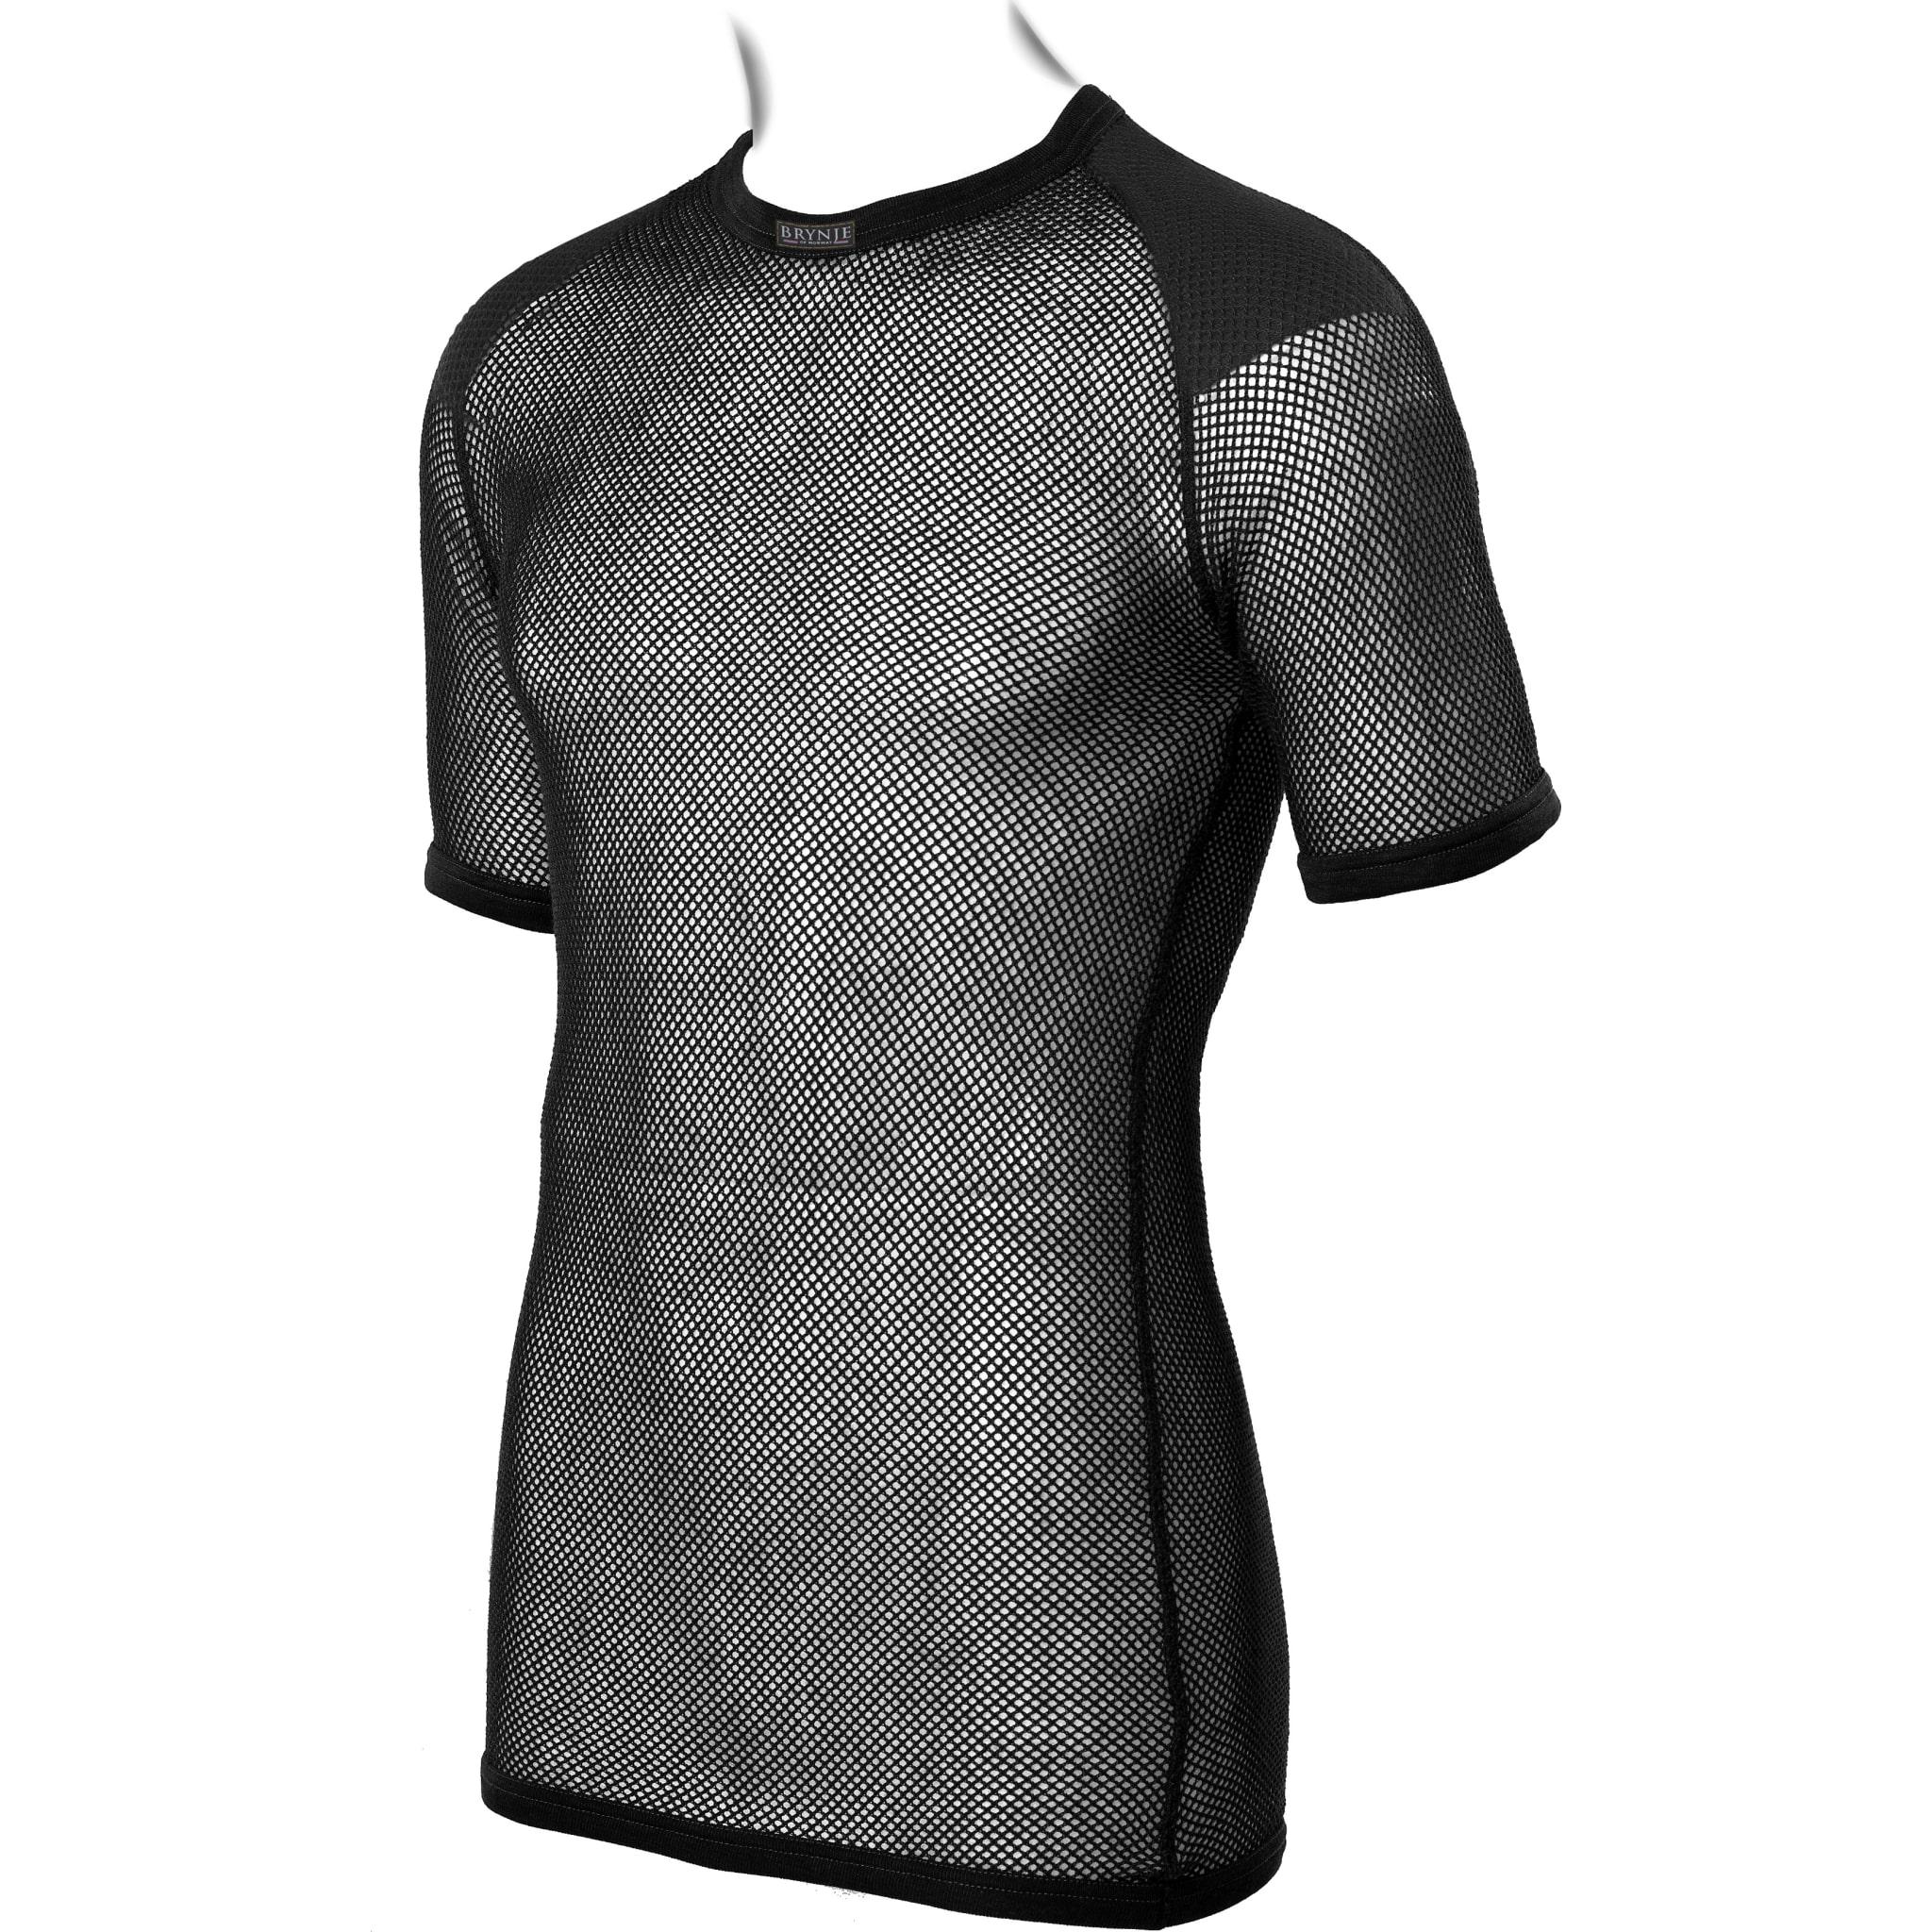 Trøye med rund hals, kort arm og innlegg på skulder for økt komfort.